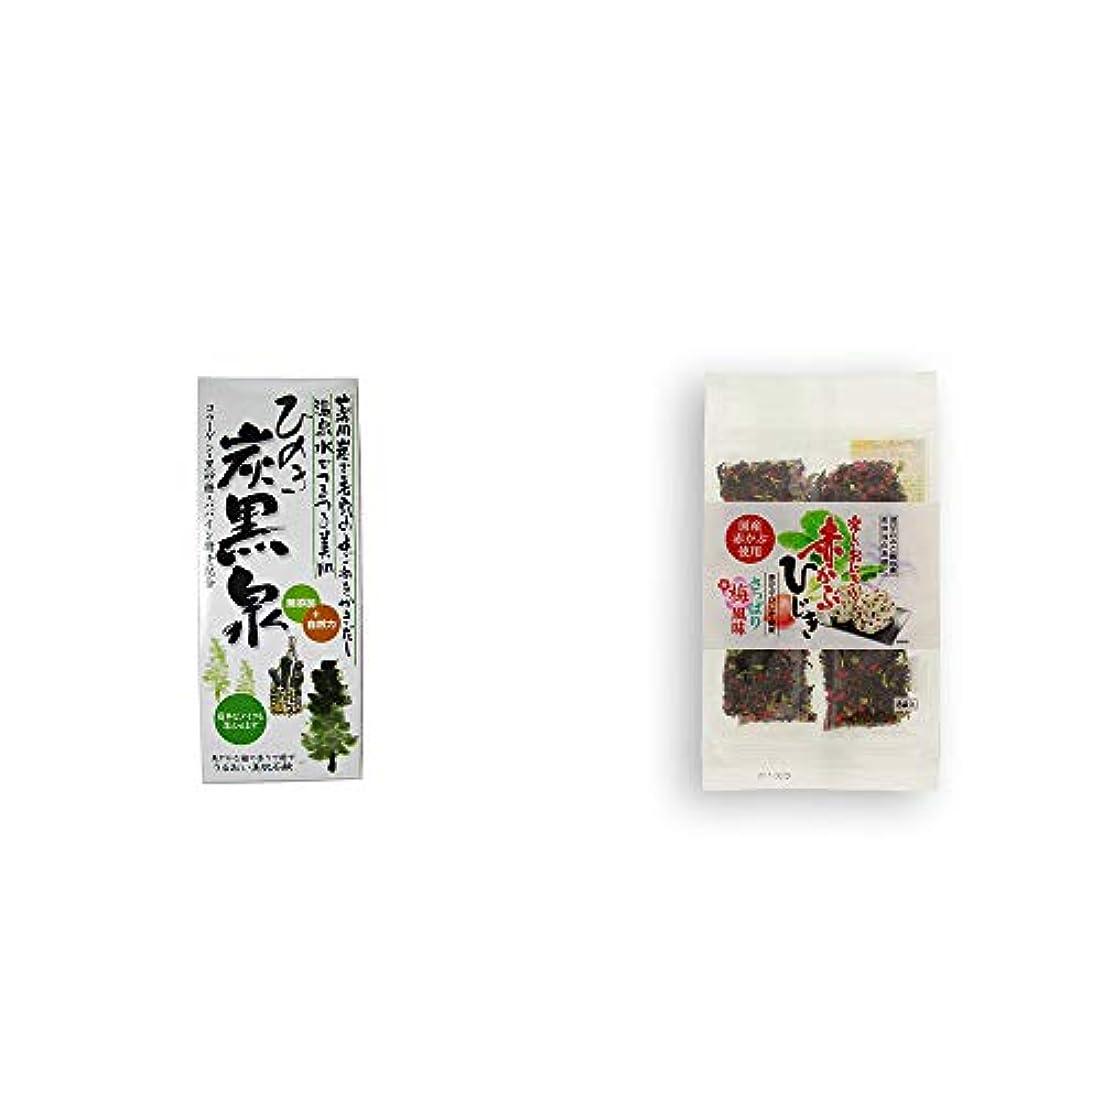 ズーム味付け変化する[2点セット] ひのき炭黒泉 箱入り(75g×3)?楽しいおにぎり 赤かぶひじき(8g×8袋)